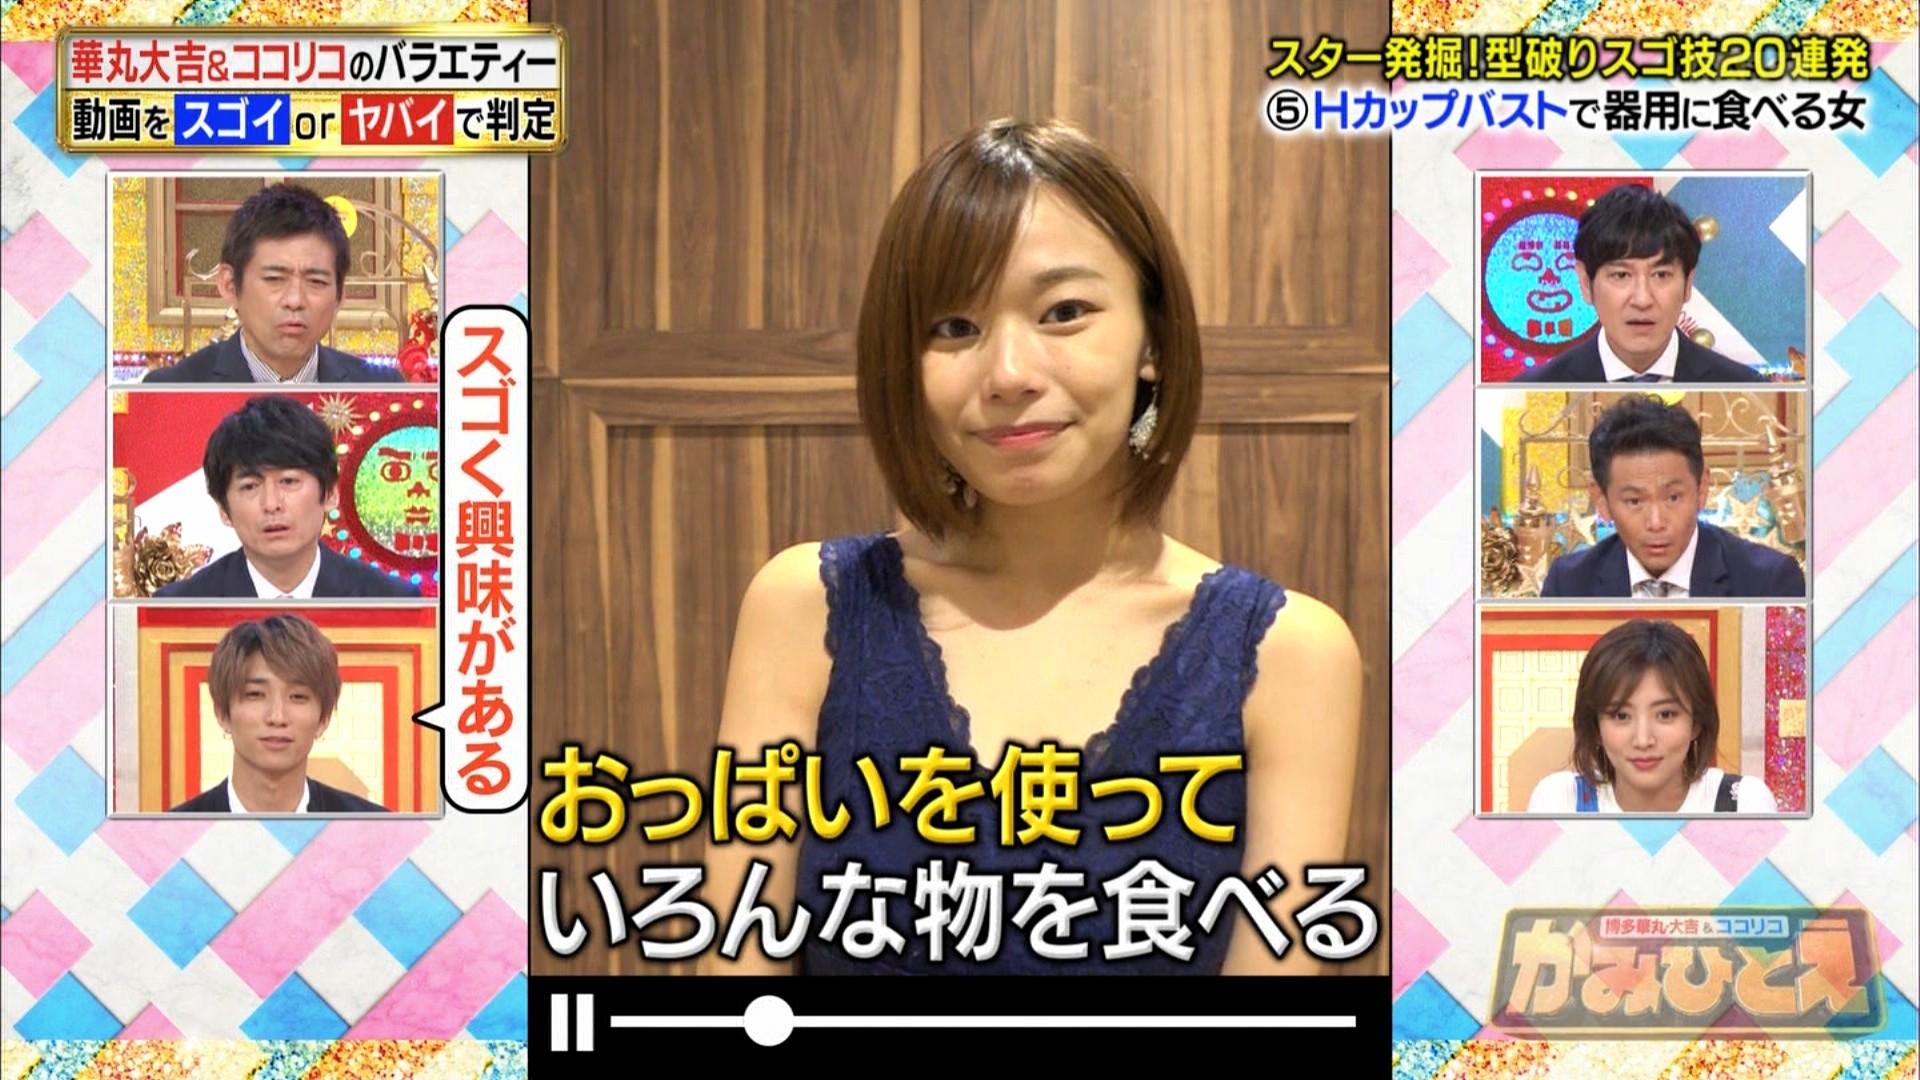 2019年7月29日テレビ朝日「かみひとえ」出演・和地つかささんのテレビキャプチャー画像-005